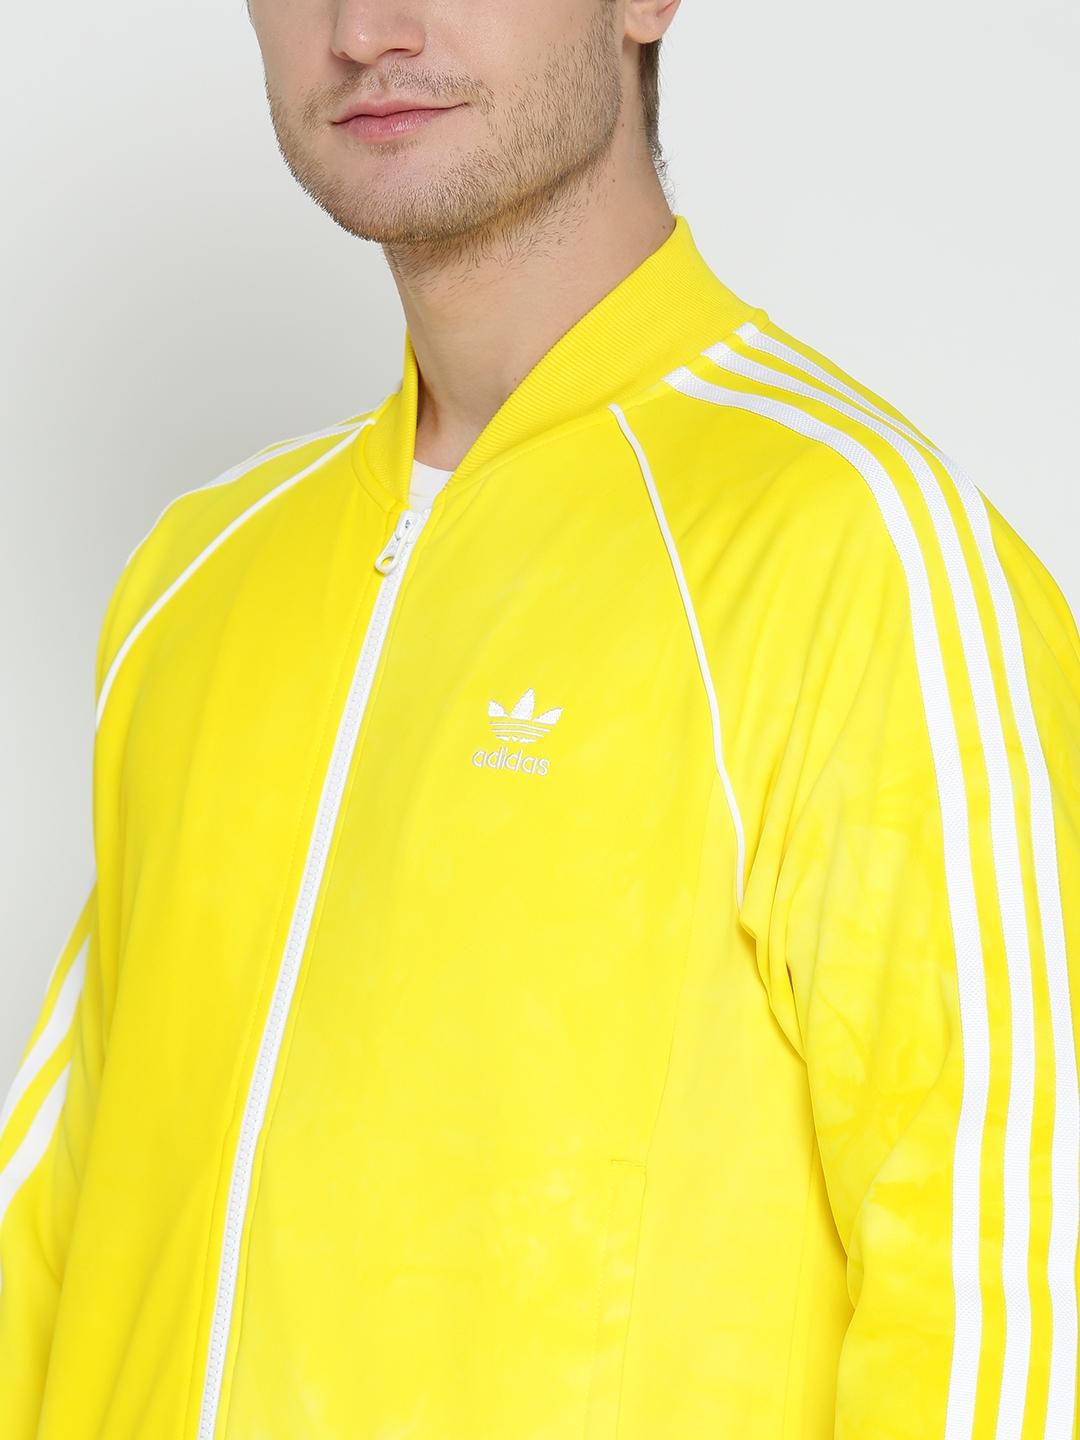 040b137c04ba6 Buy ADIDAS Originals Men Yellow HU HOLI SSTR TT Jacket - Jackets for ...